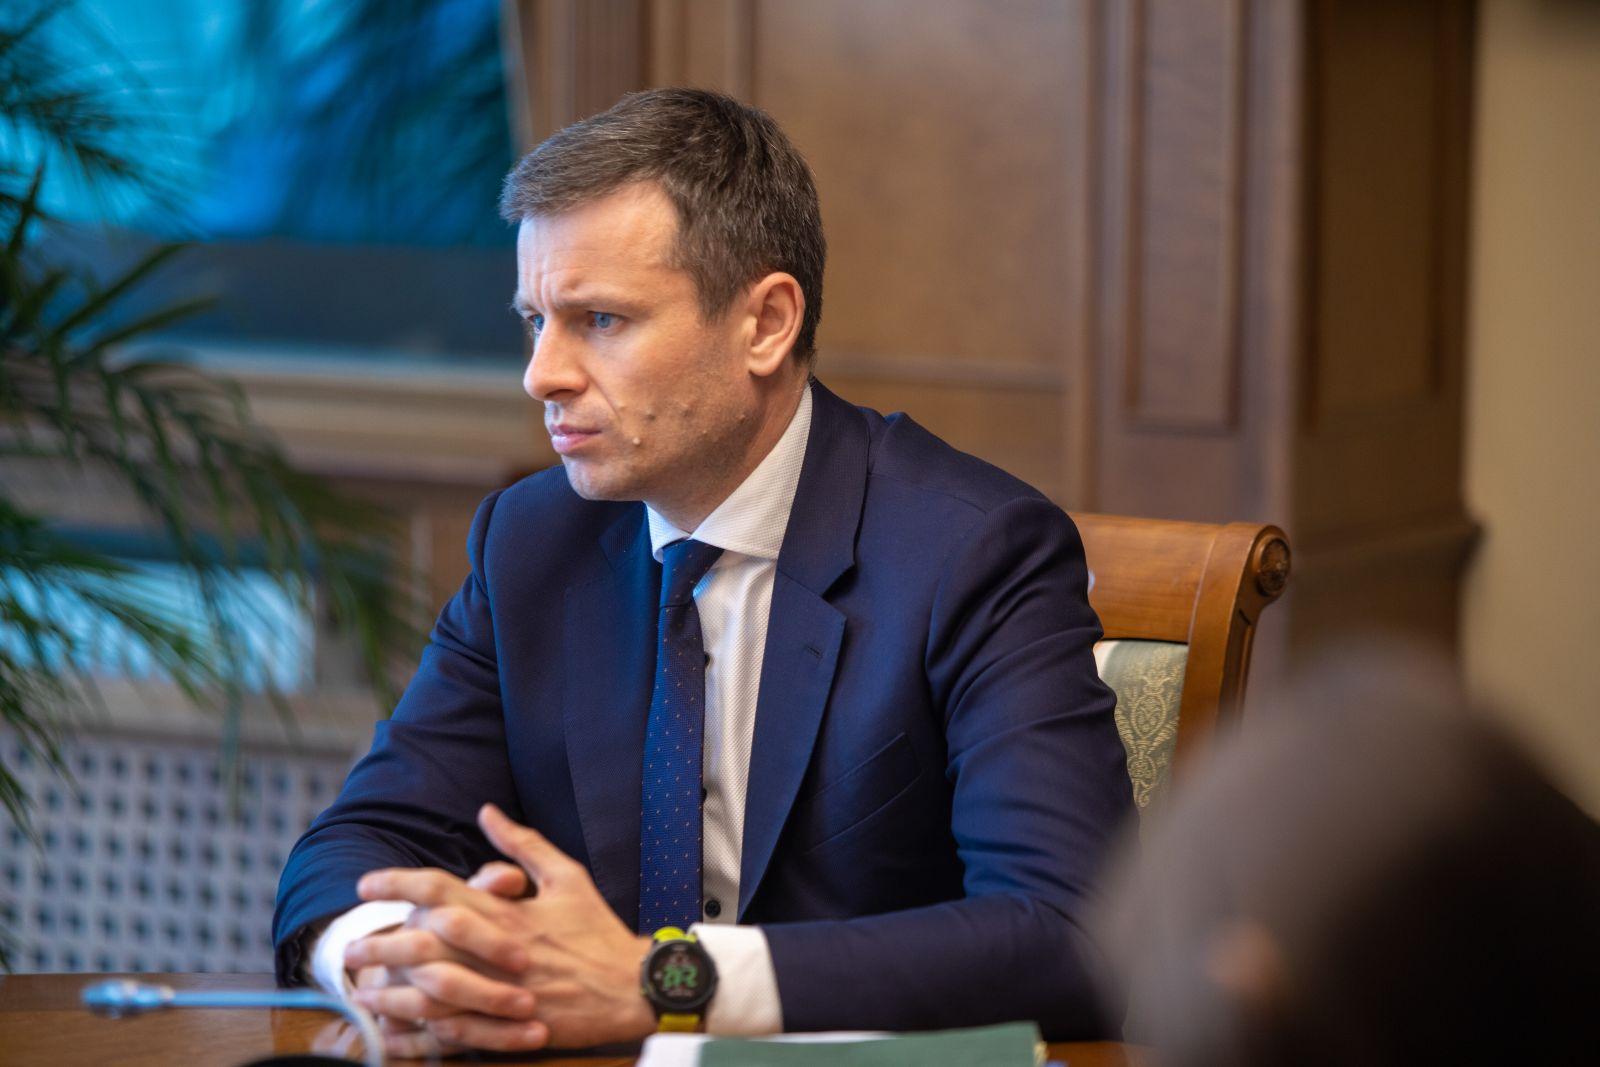 Глава Минфина Марченко задекларировал почти 500 тысяч зарплаты | Экономическая правда